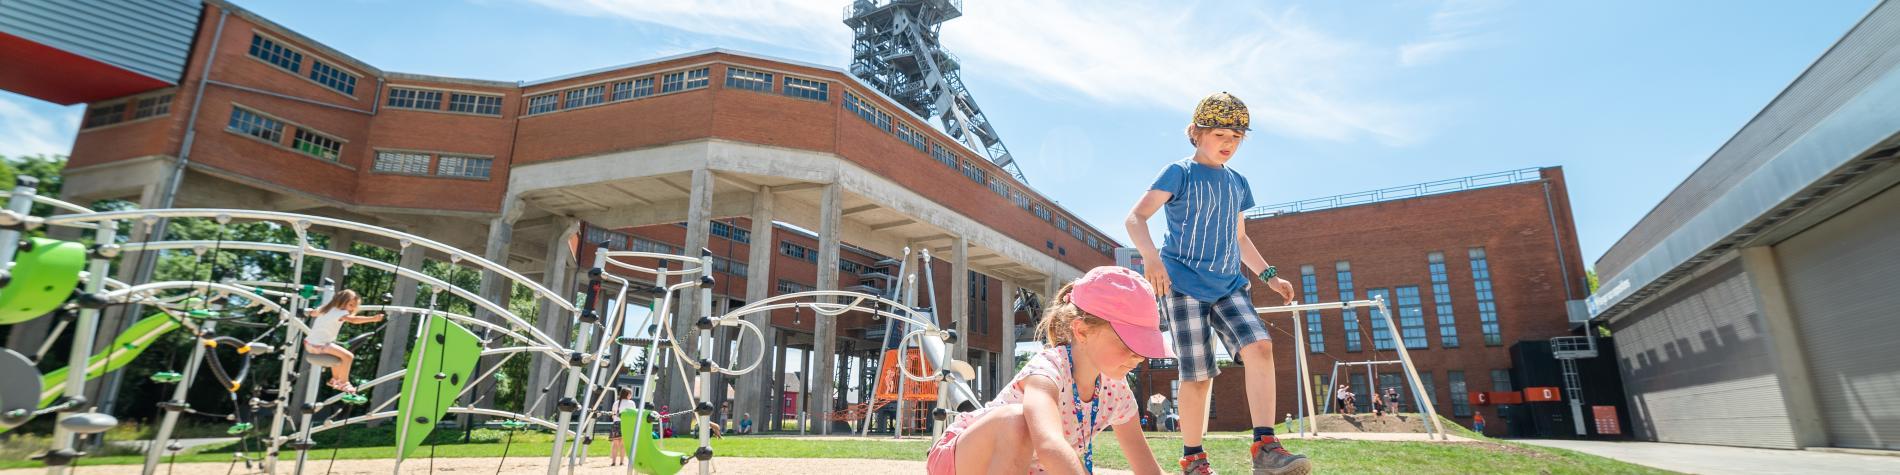 Deux enfants profitent de la plaine de jeux du Pass, musée des sciences, à Frameries